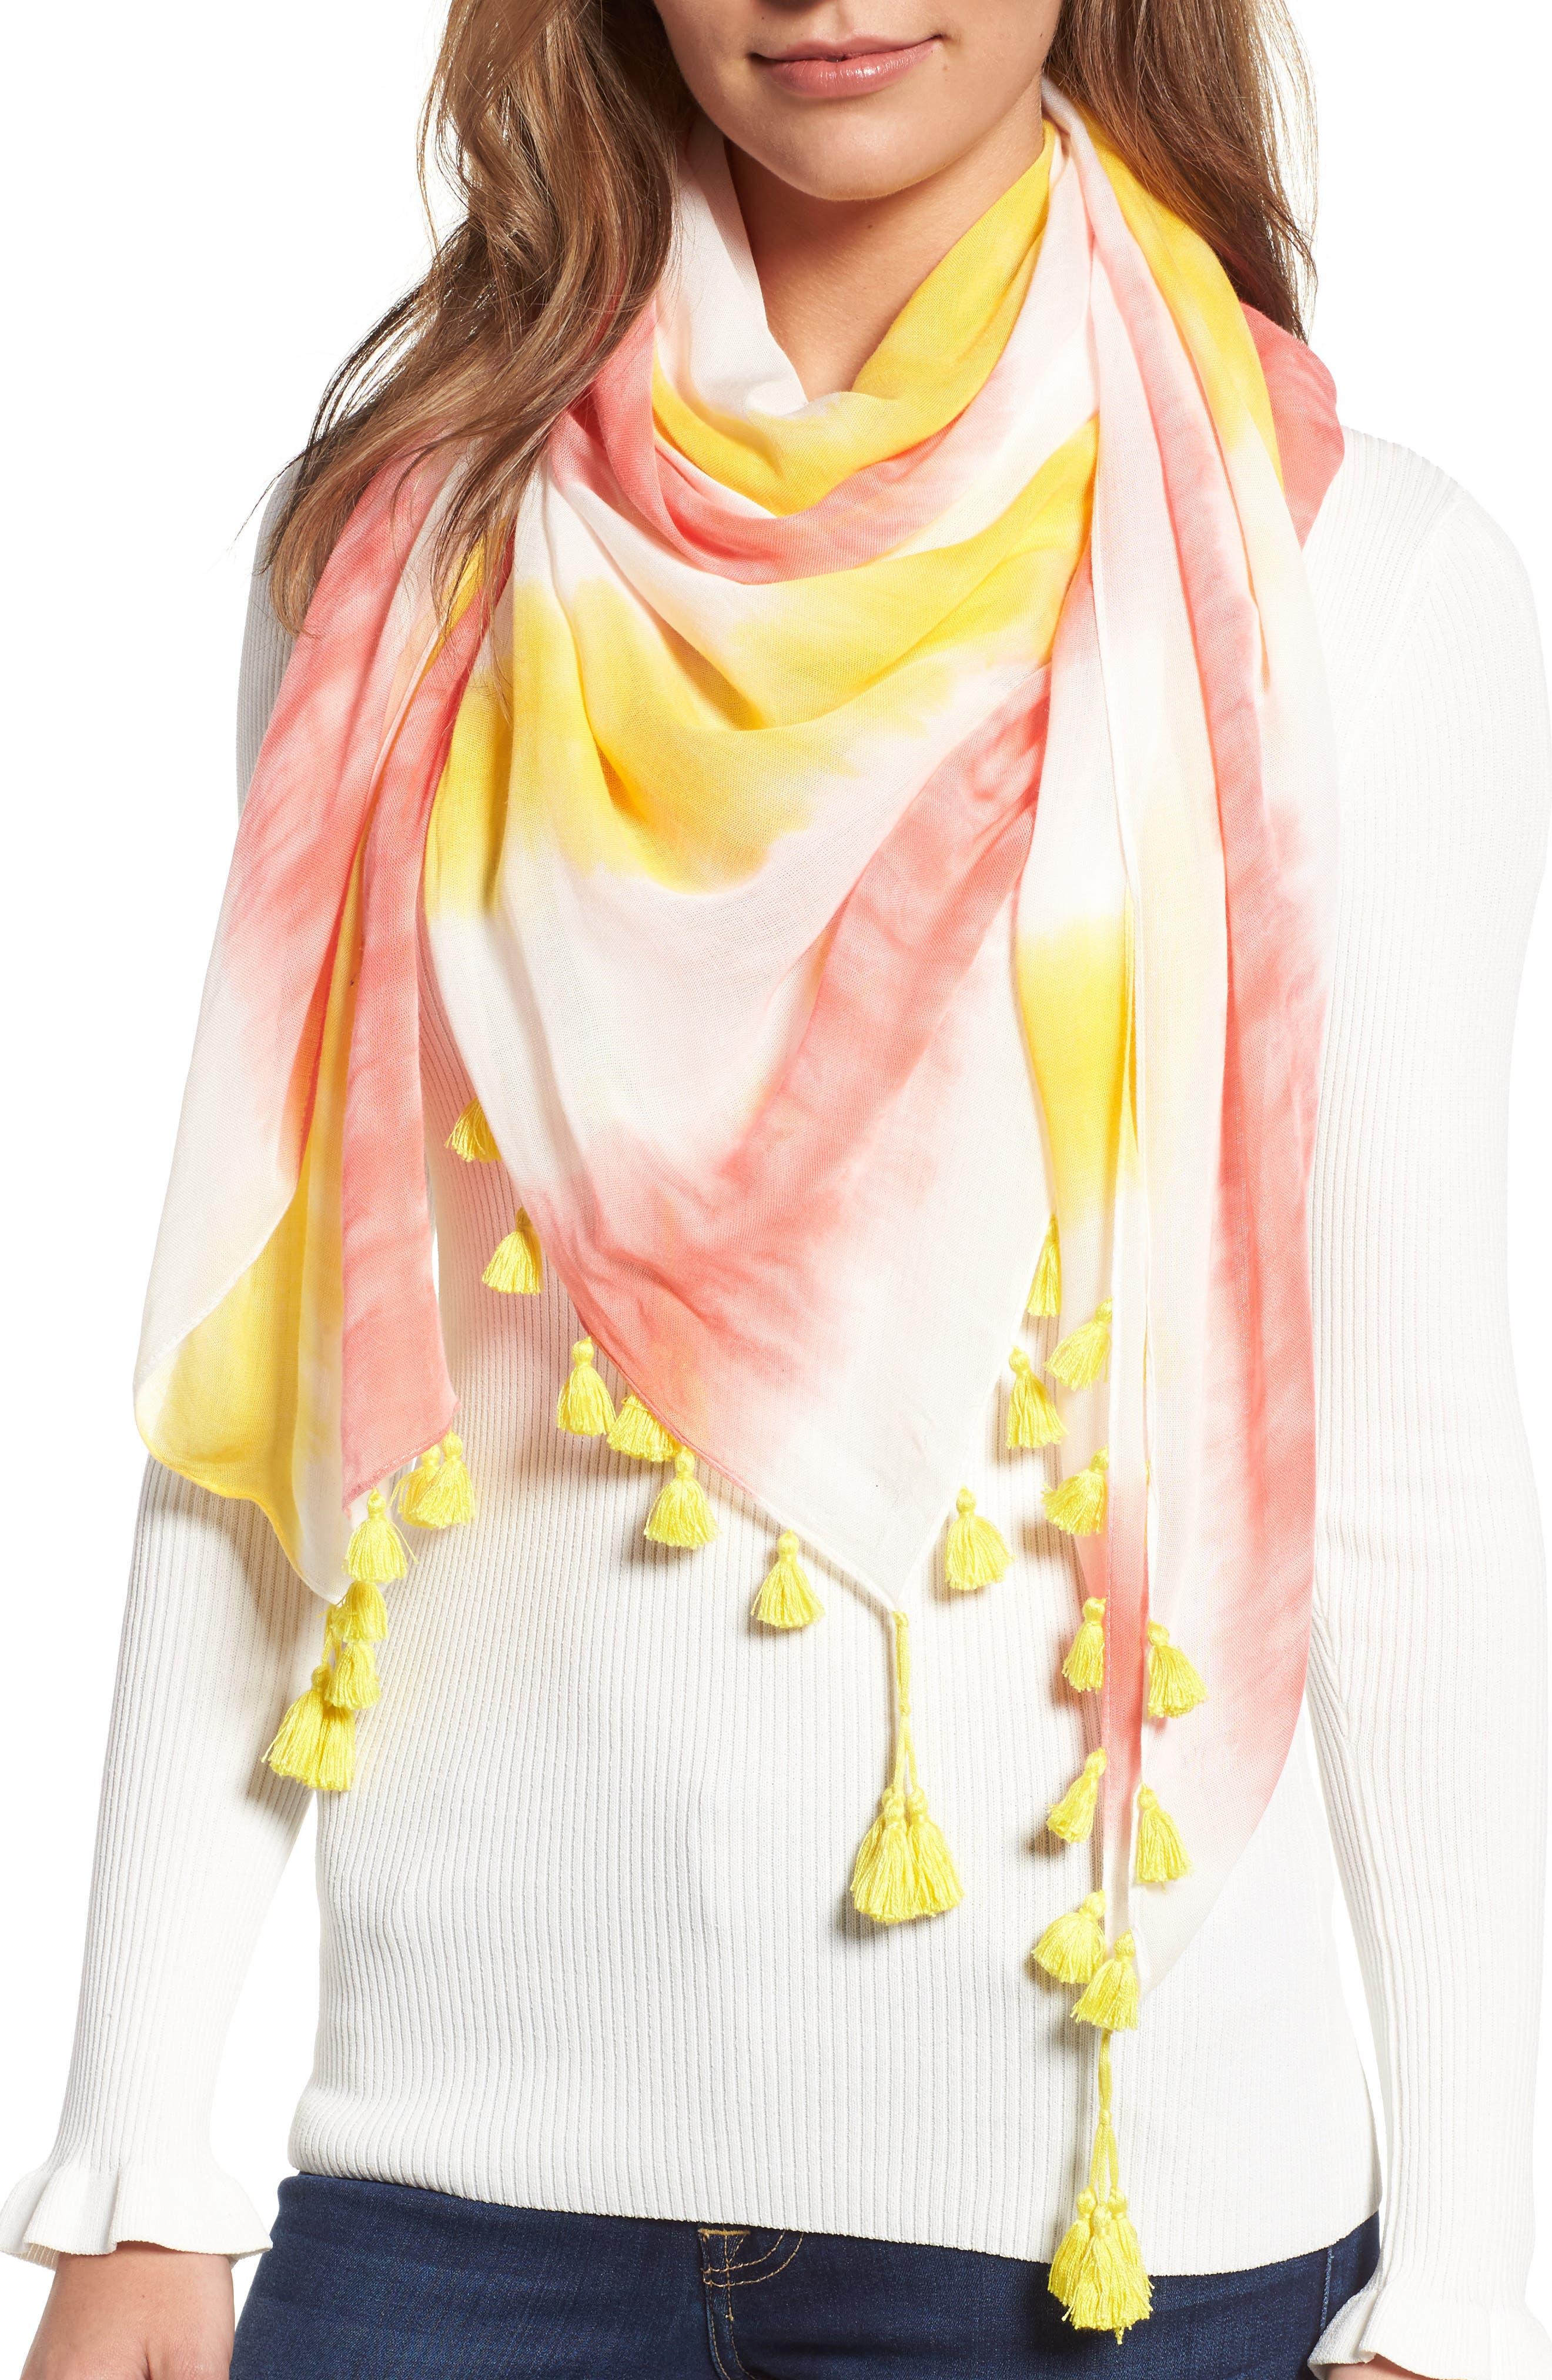 Main Image - Rebecca Minkoff Tie Dye Square Scarf